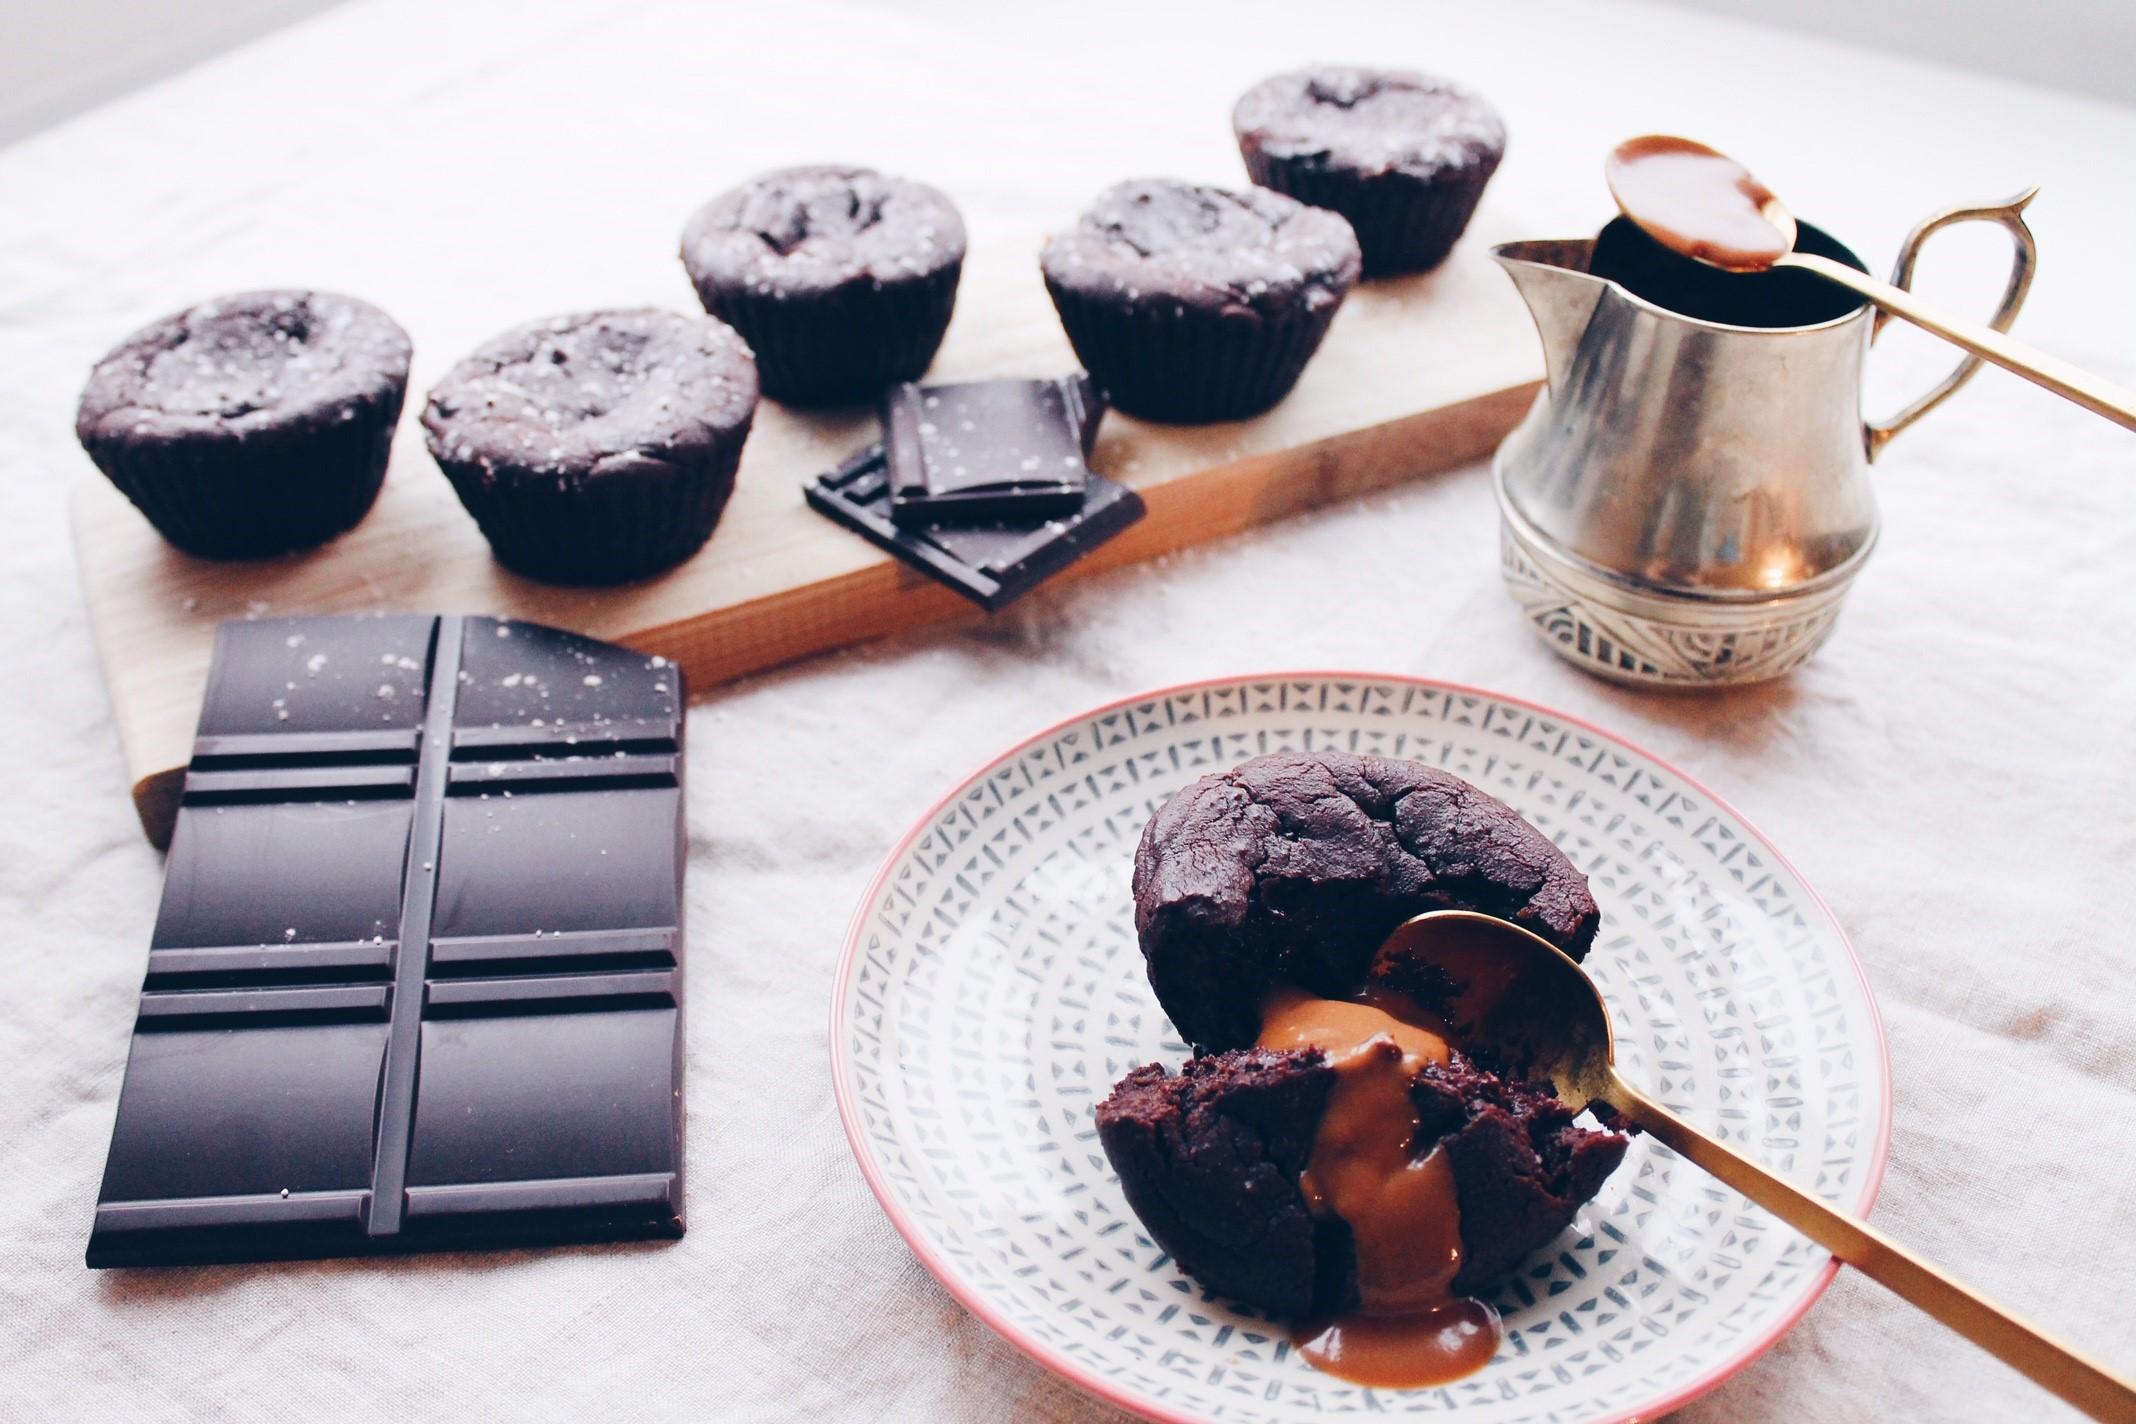 Recette de moelleux au chocolat vegan extra moelleux au chocolat noir et végétalien sur le blog laualamenthe.com